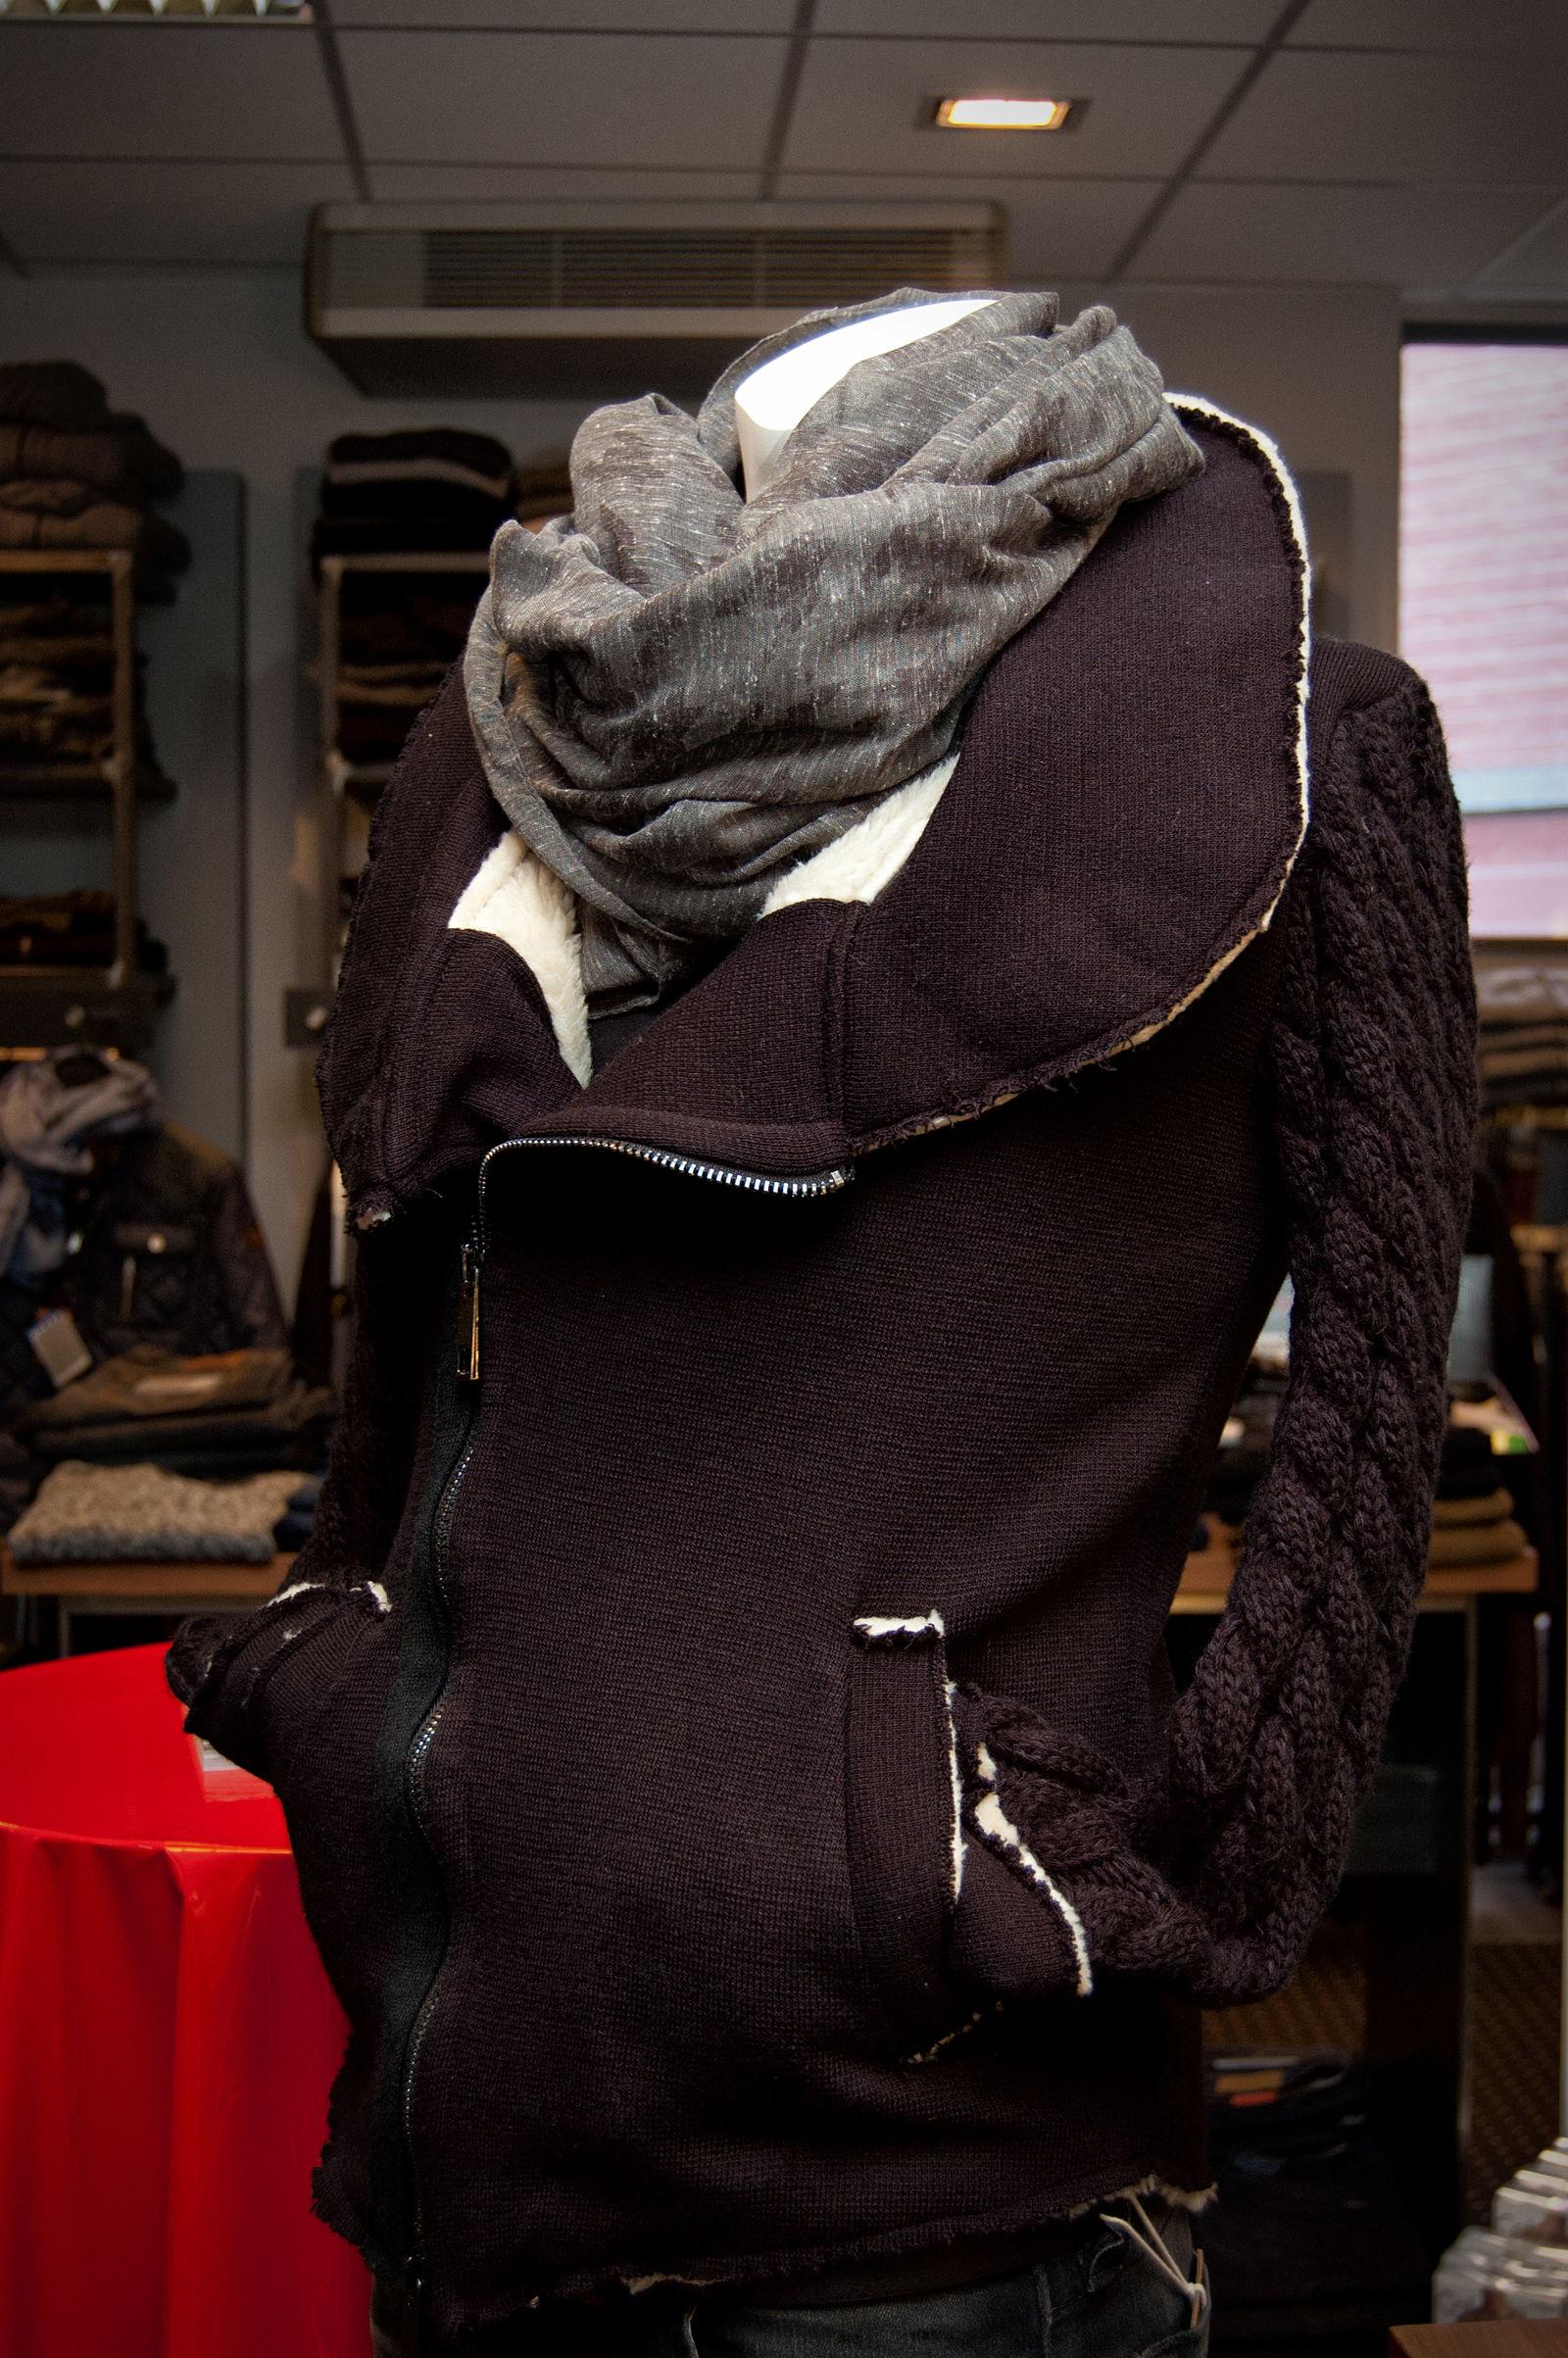 MÖllER Womenswear - Menswear in Kempen (Bild 6)